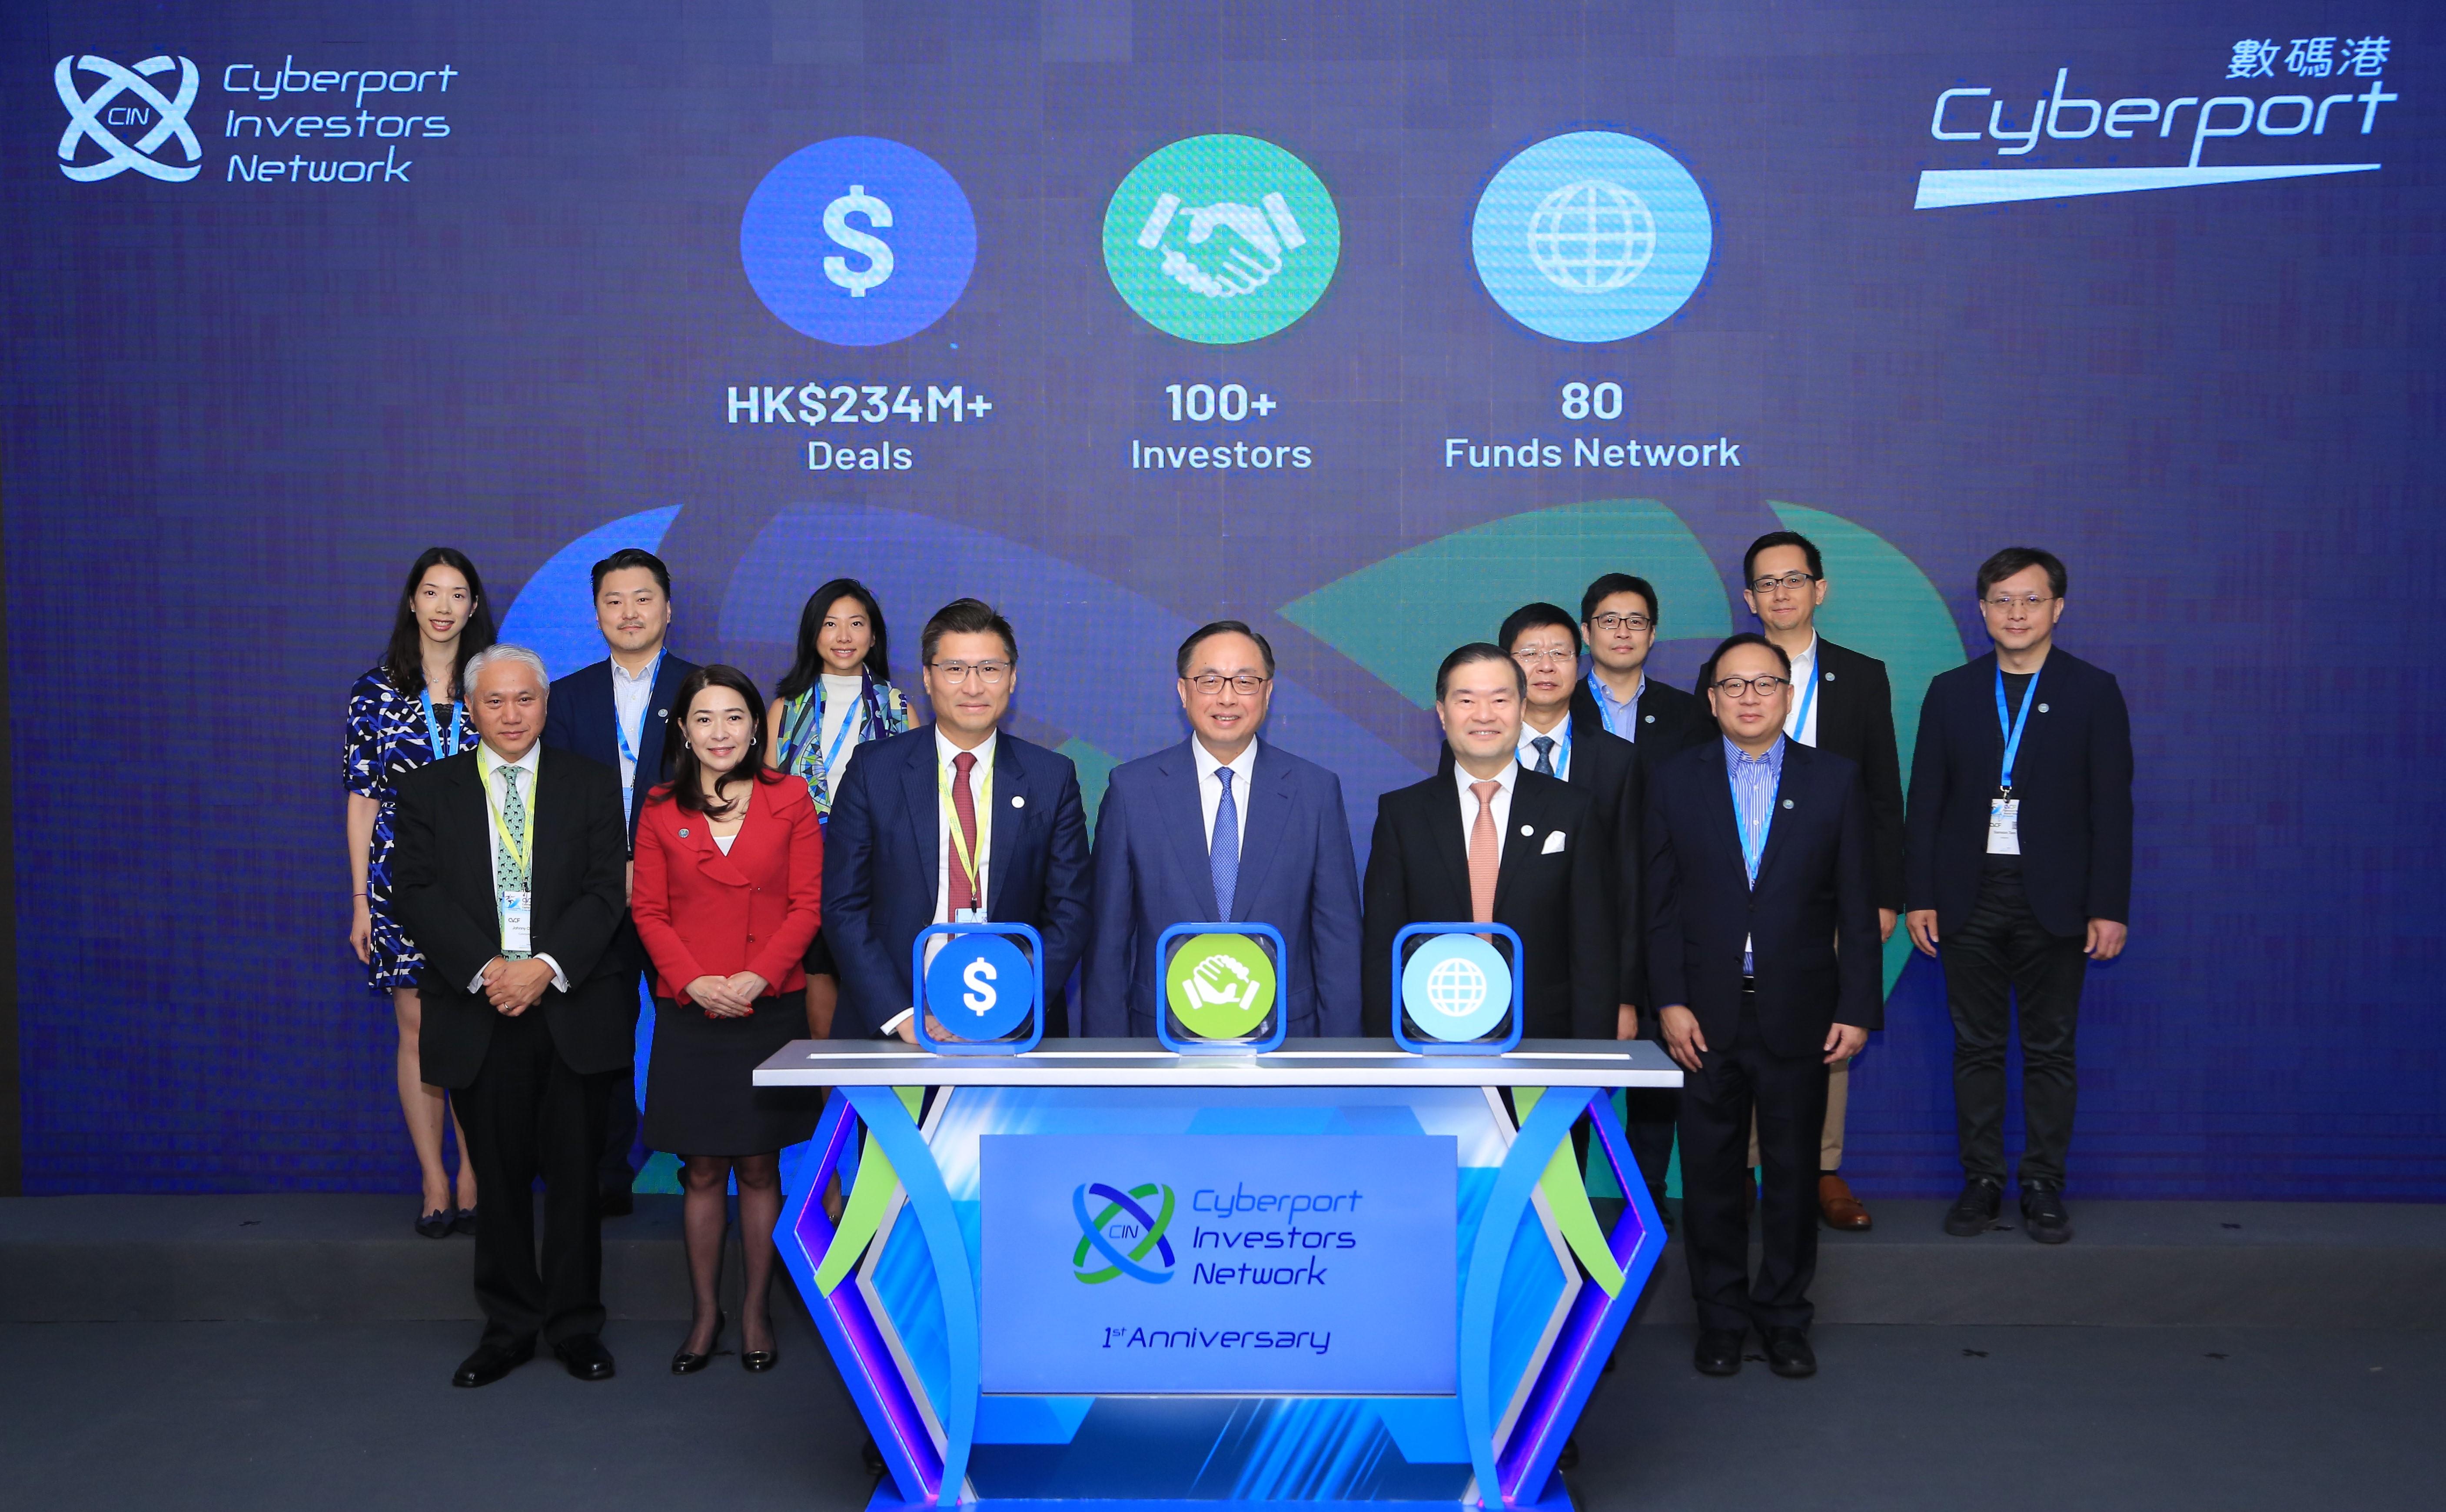 數碼港創業投資論壇2018